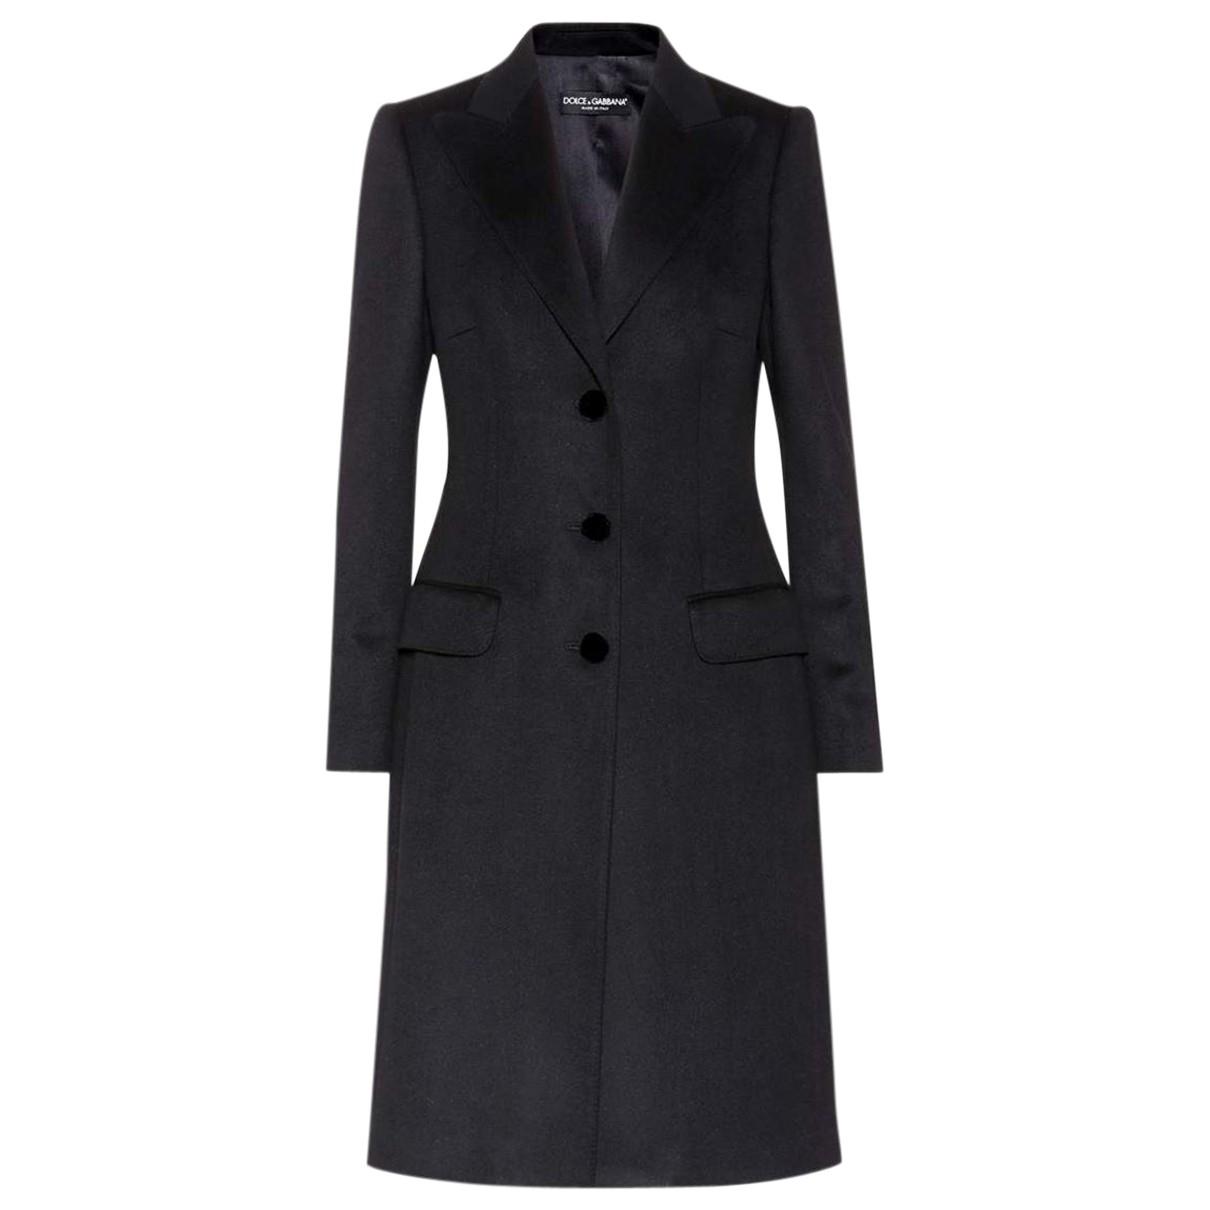 Dolce & Gabbana N Black Wool coat for Women 42 IT